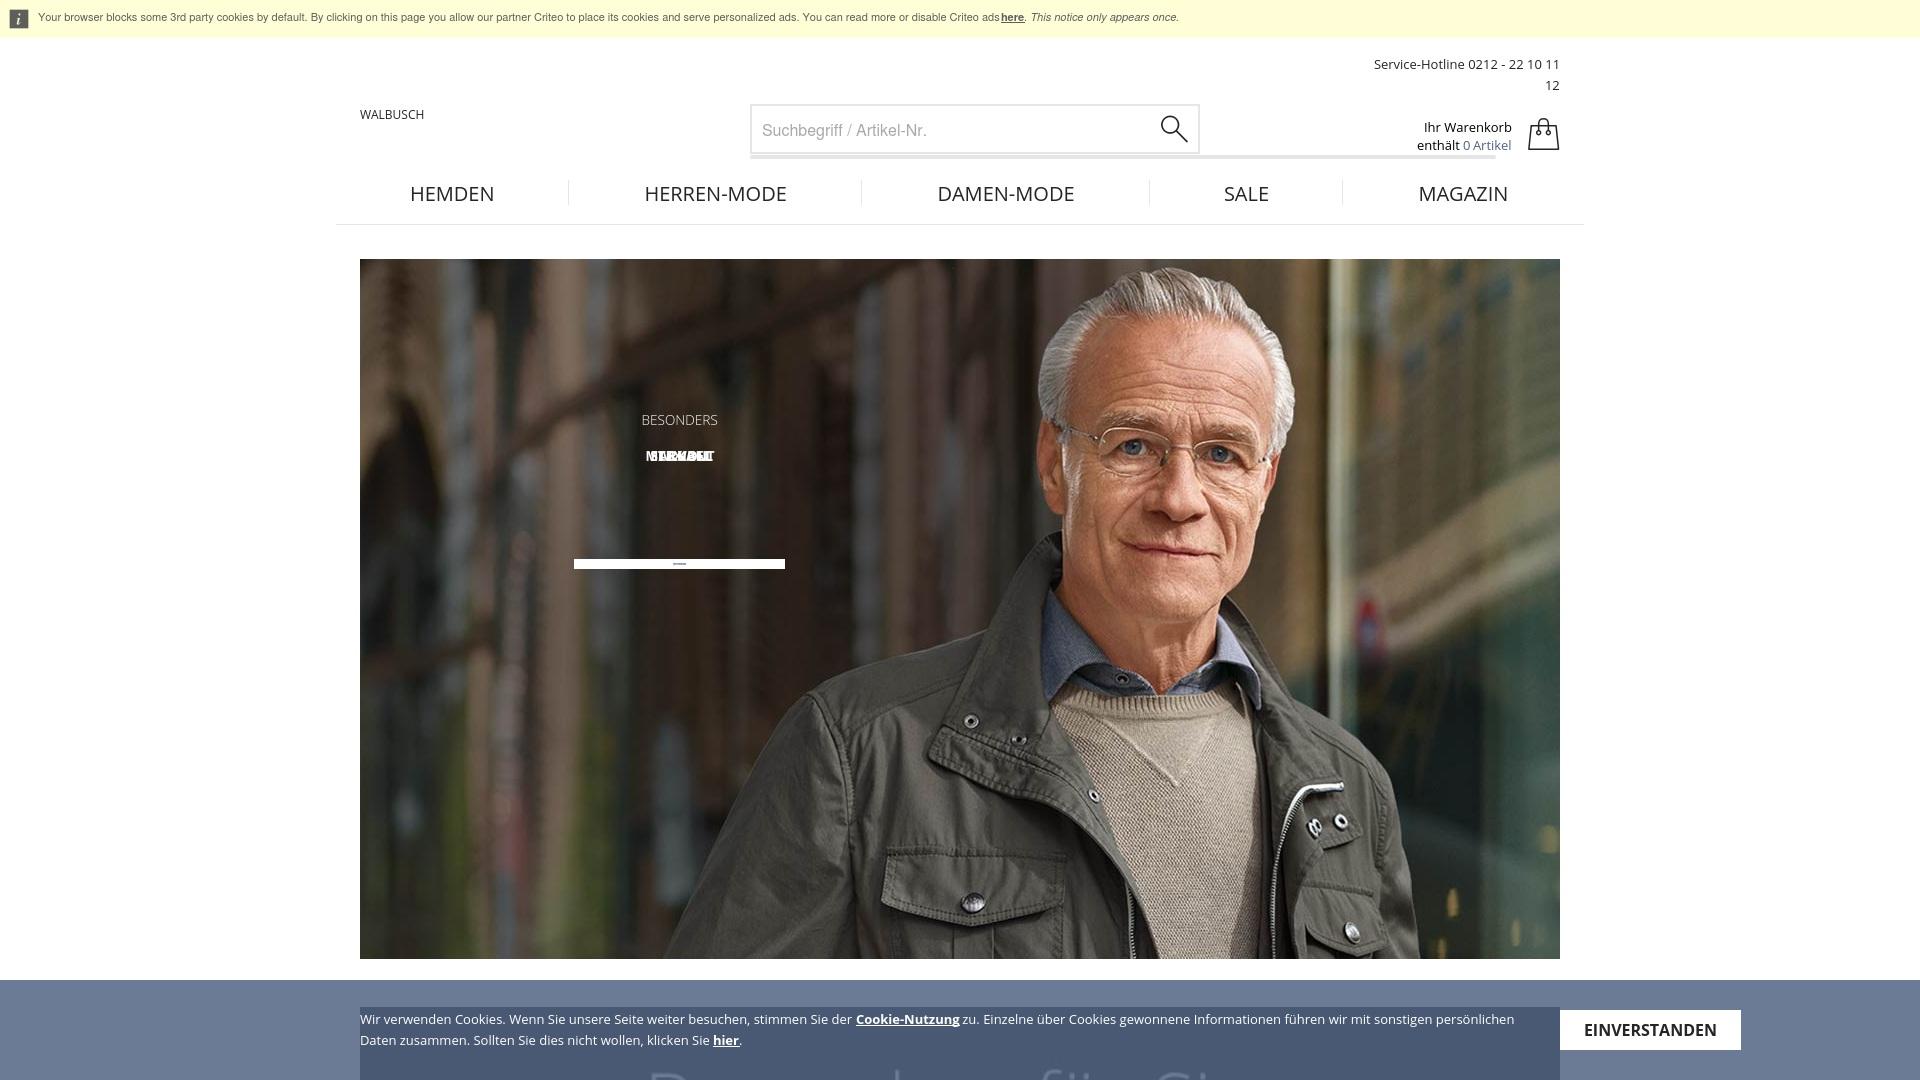 Gutschein für Walbusch: Rabatte für  Walbusch sichern